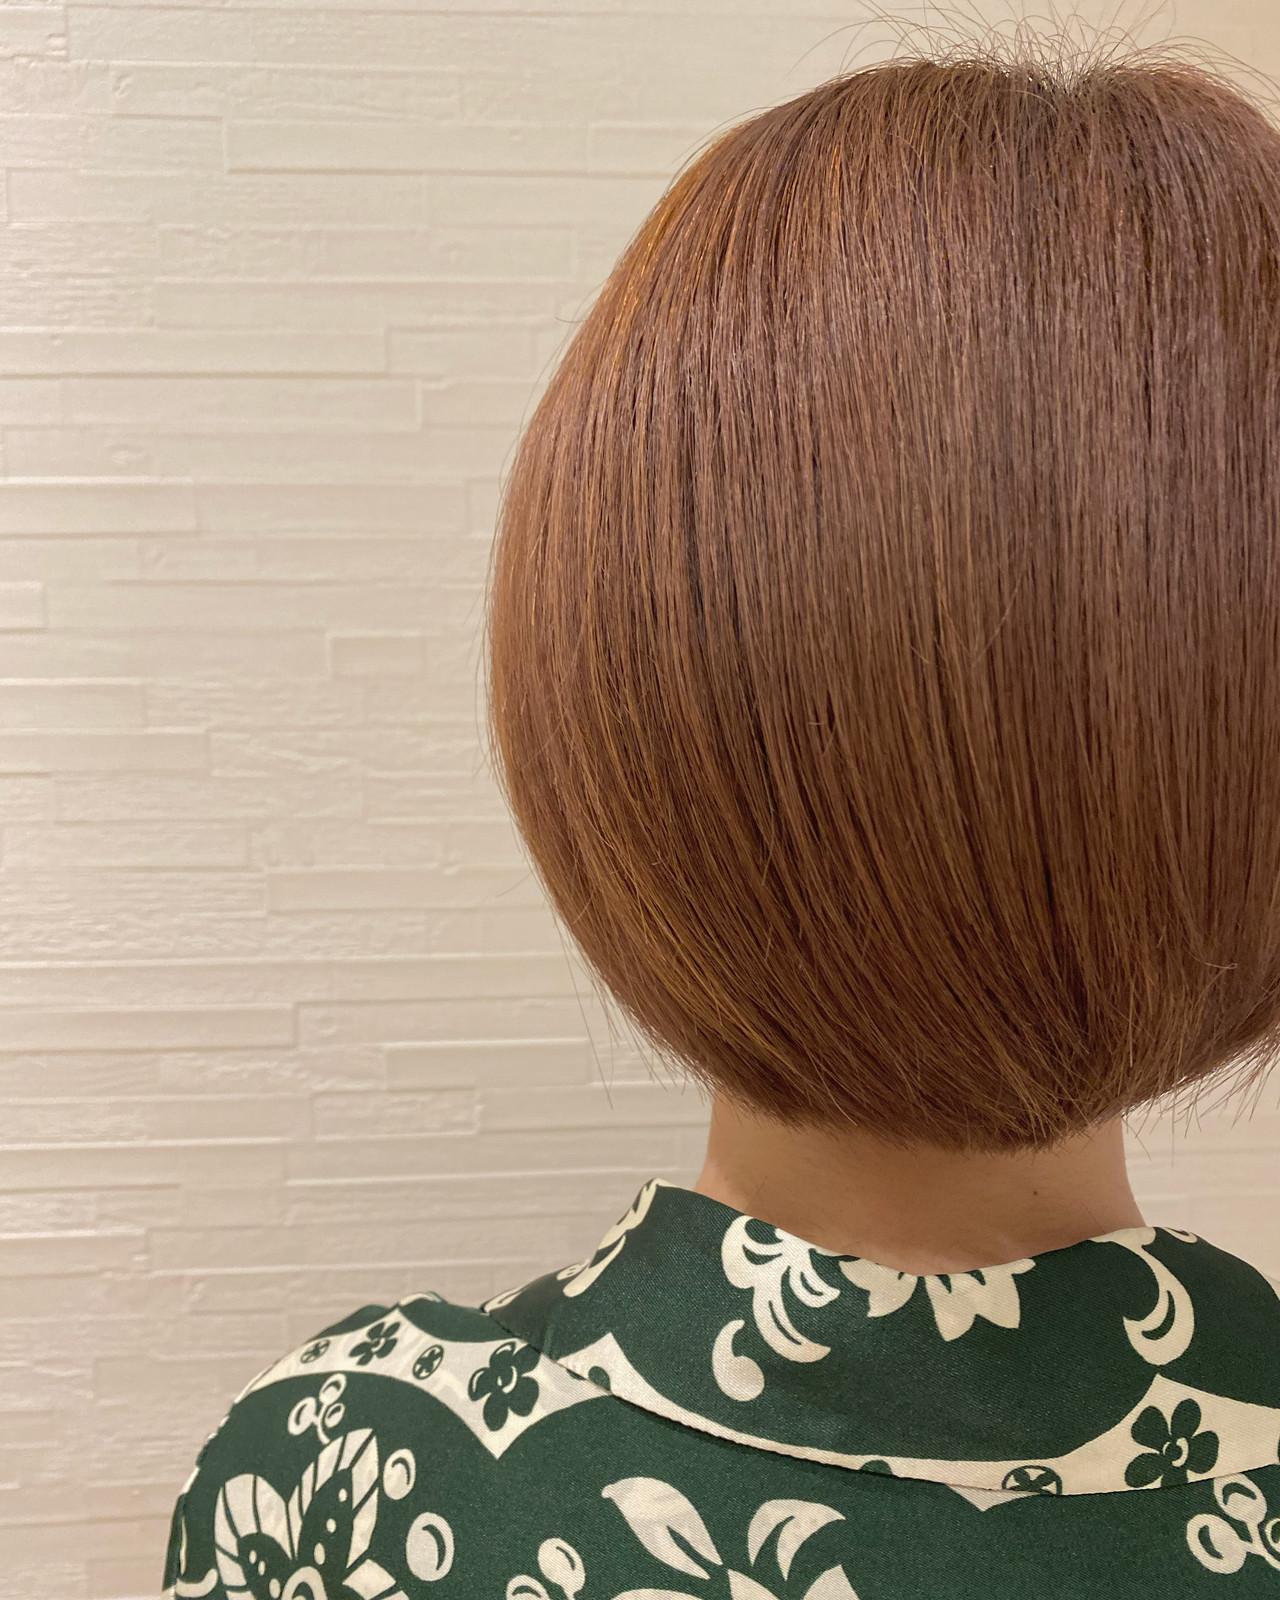 オレンジベージュ ショート ショートボブ ショートヘア ヘアスタイルや髪型の写真・画像